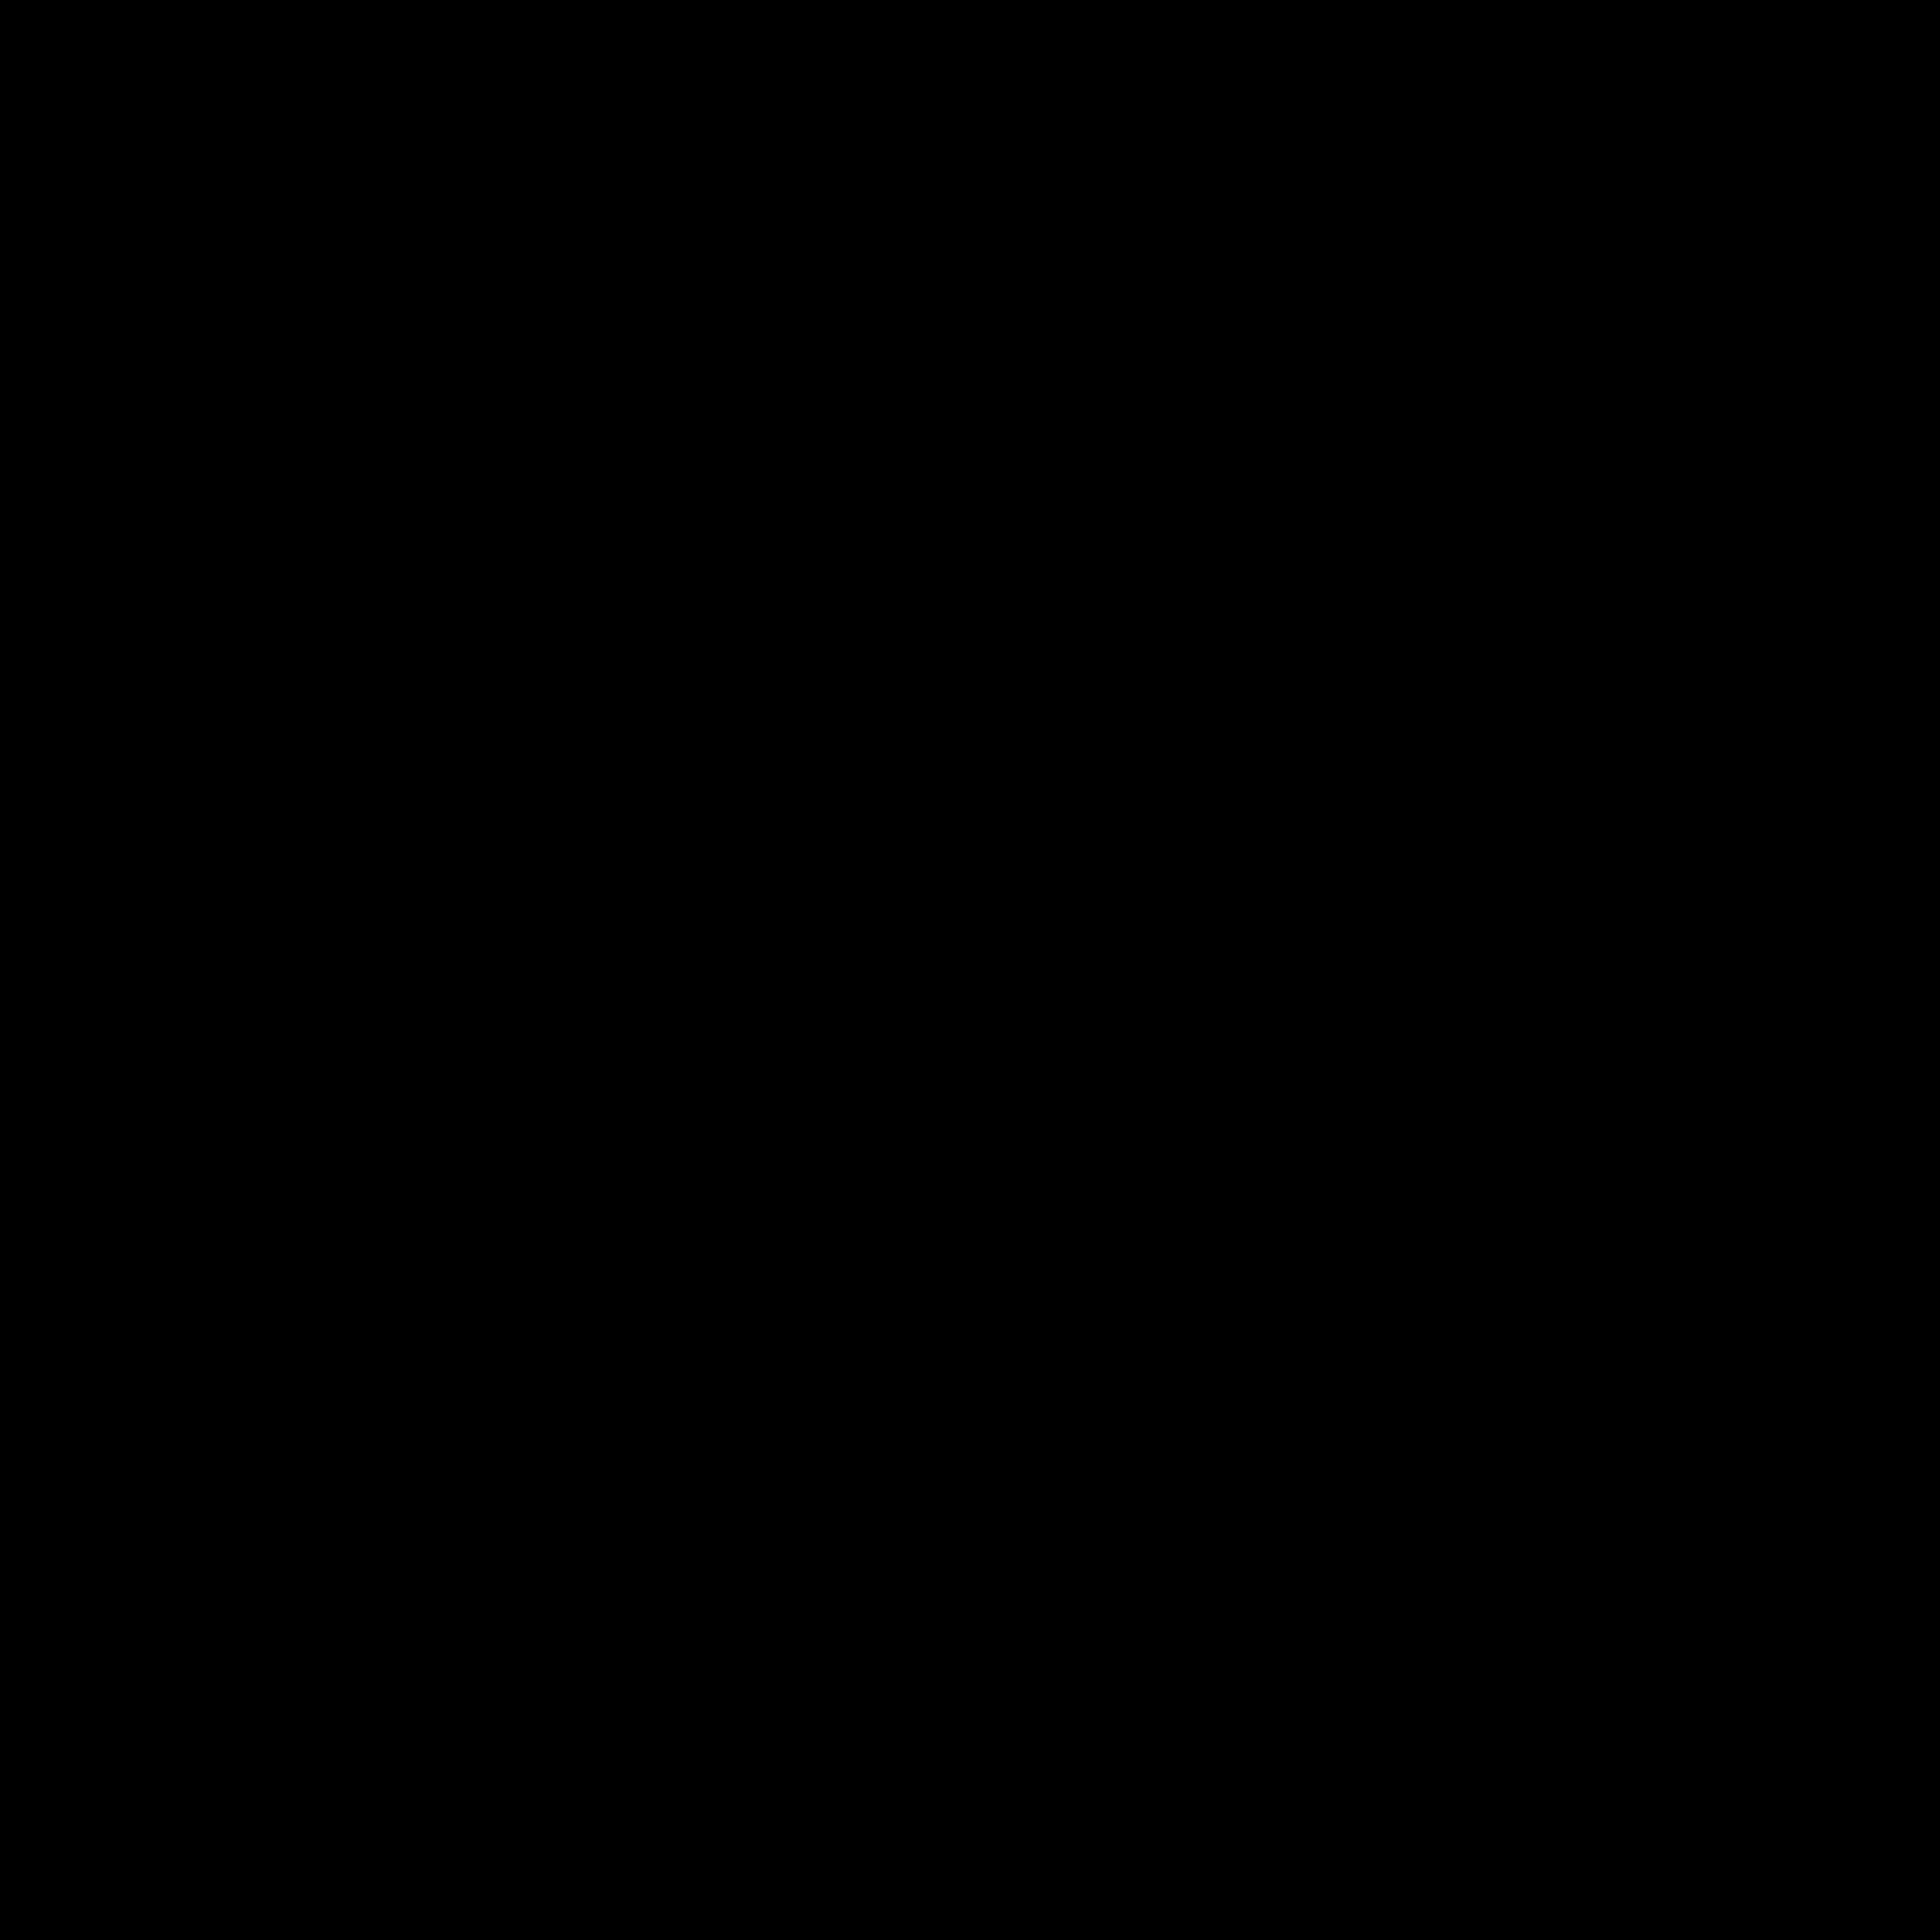 סימן כוכב ונוס